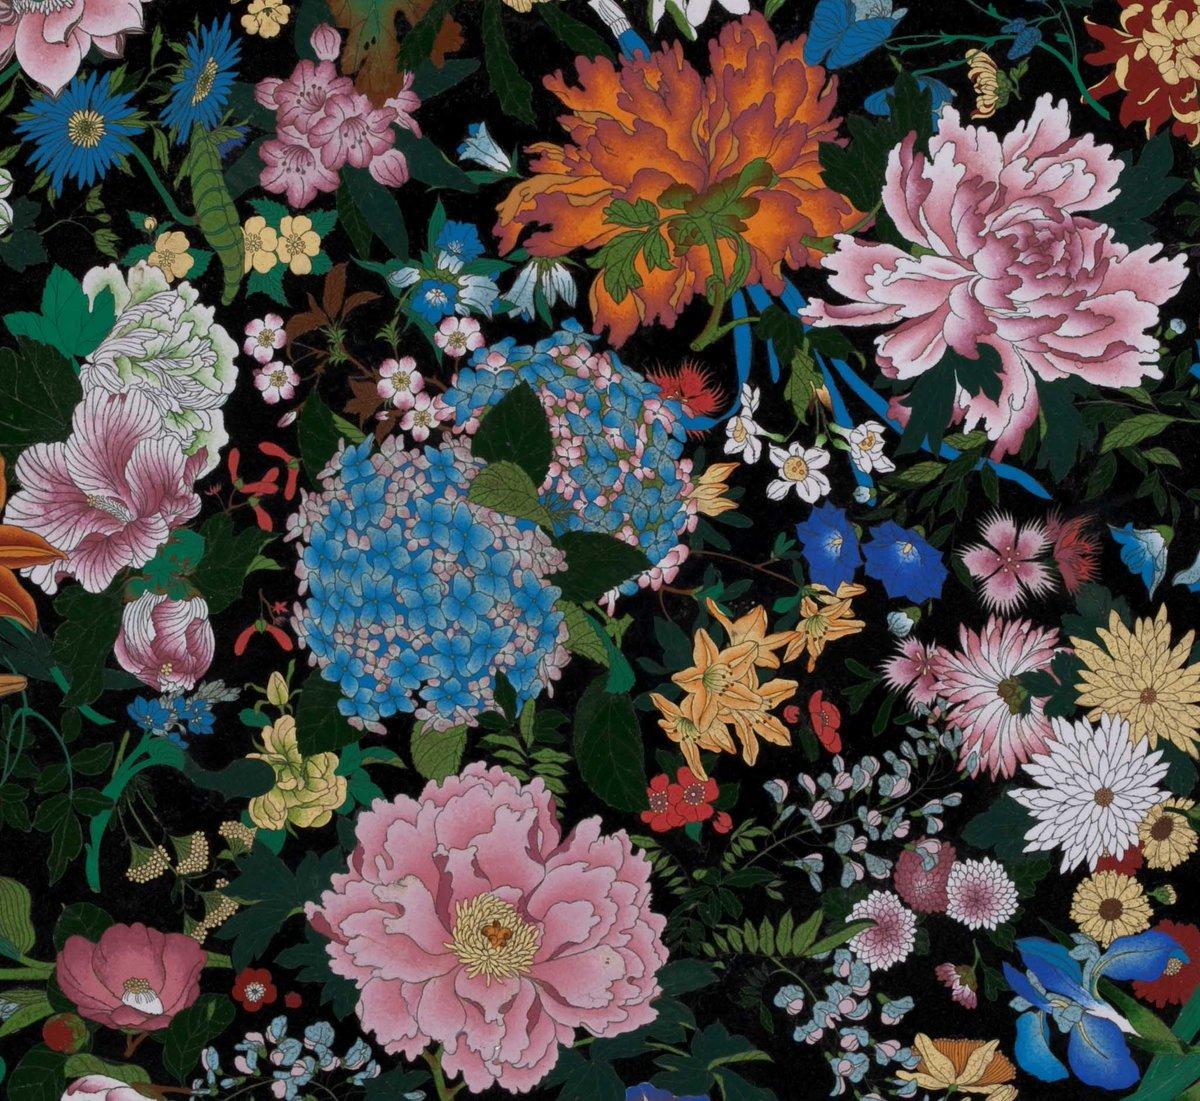 開催中|並河靖之七宝展 展覧会では、明治時代に活躍した東京と尾張の七宝家たちの作品も合わせて紹介して…